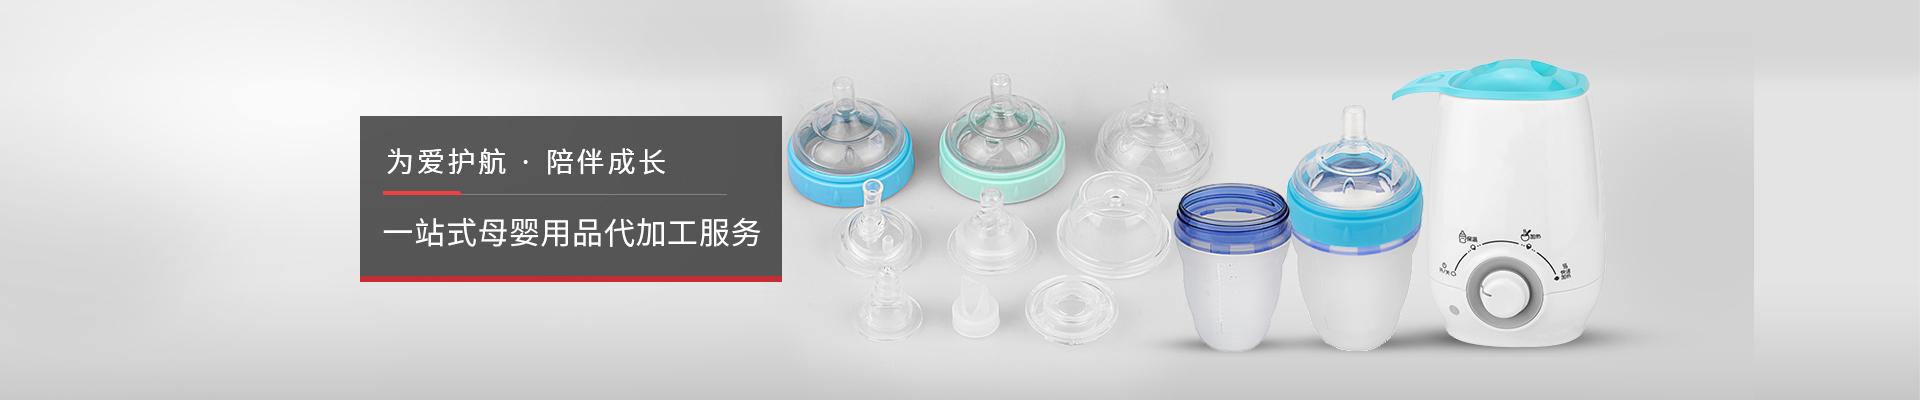 马驰科-一站式母婴用品代加工服务